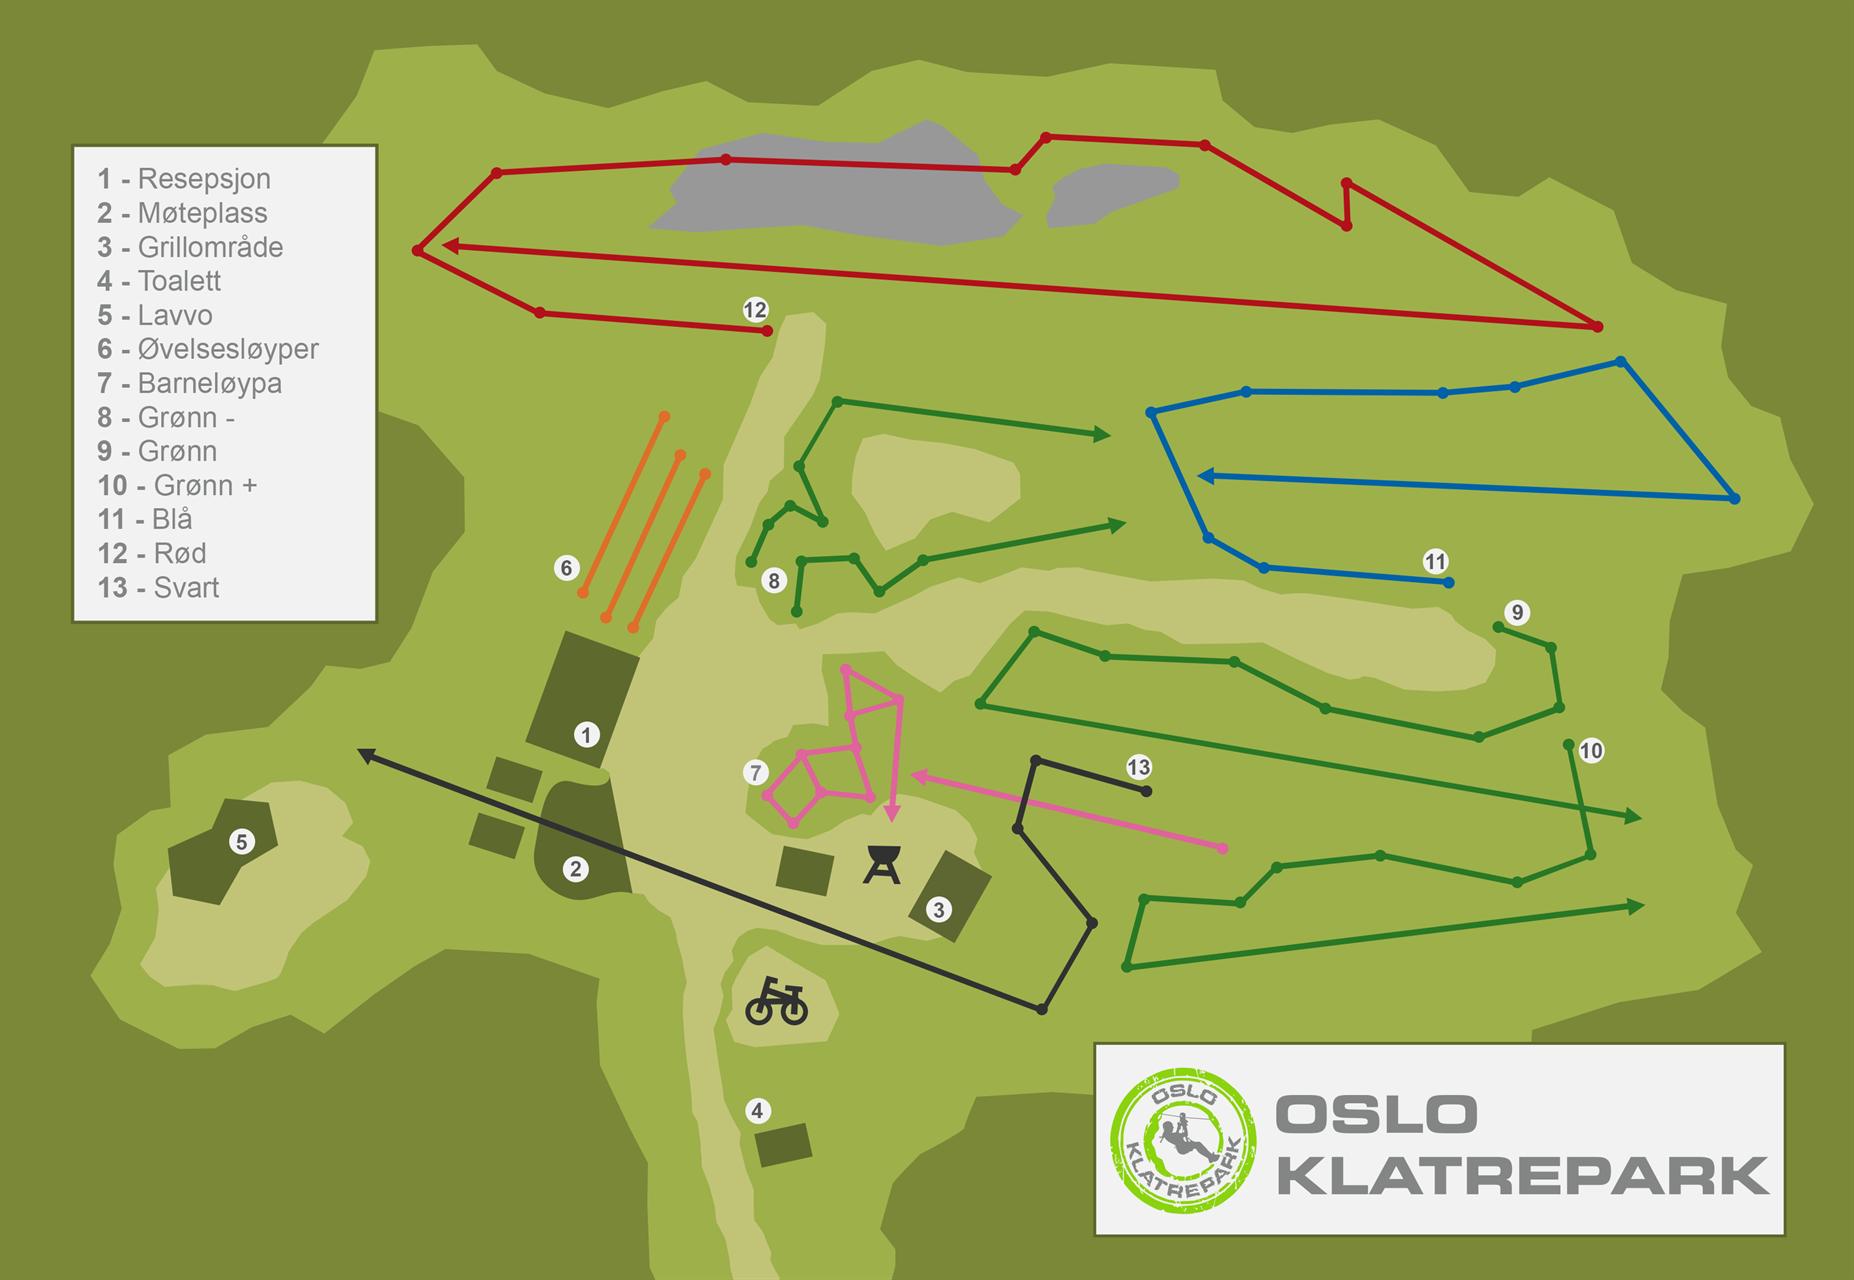 Bilde av et oversiktskart hos Oslo Klatrepark.